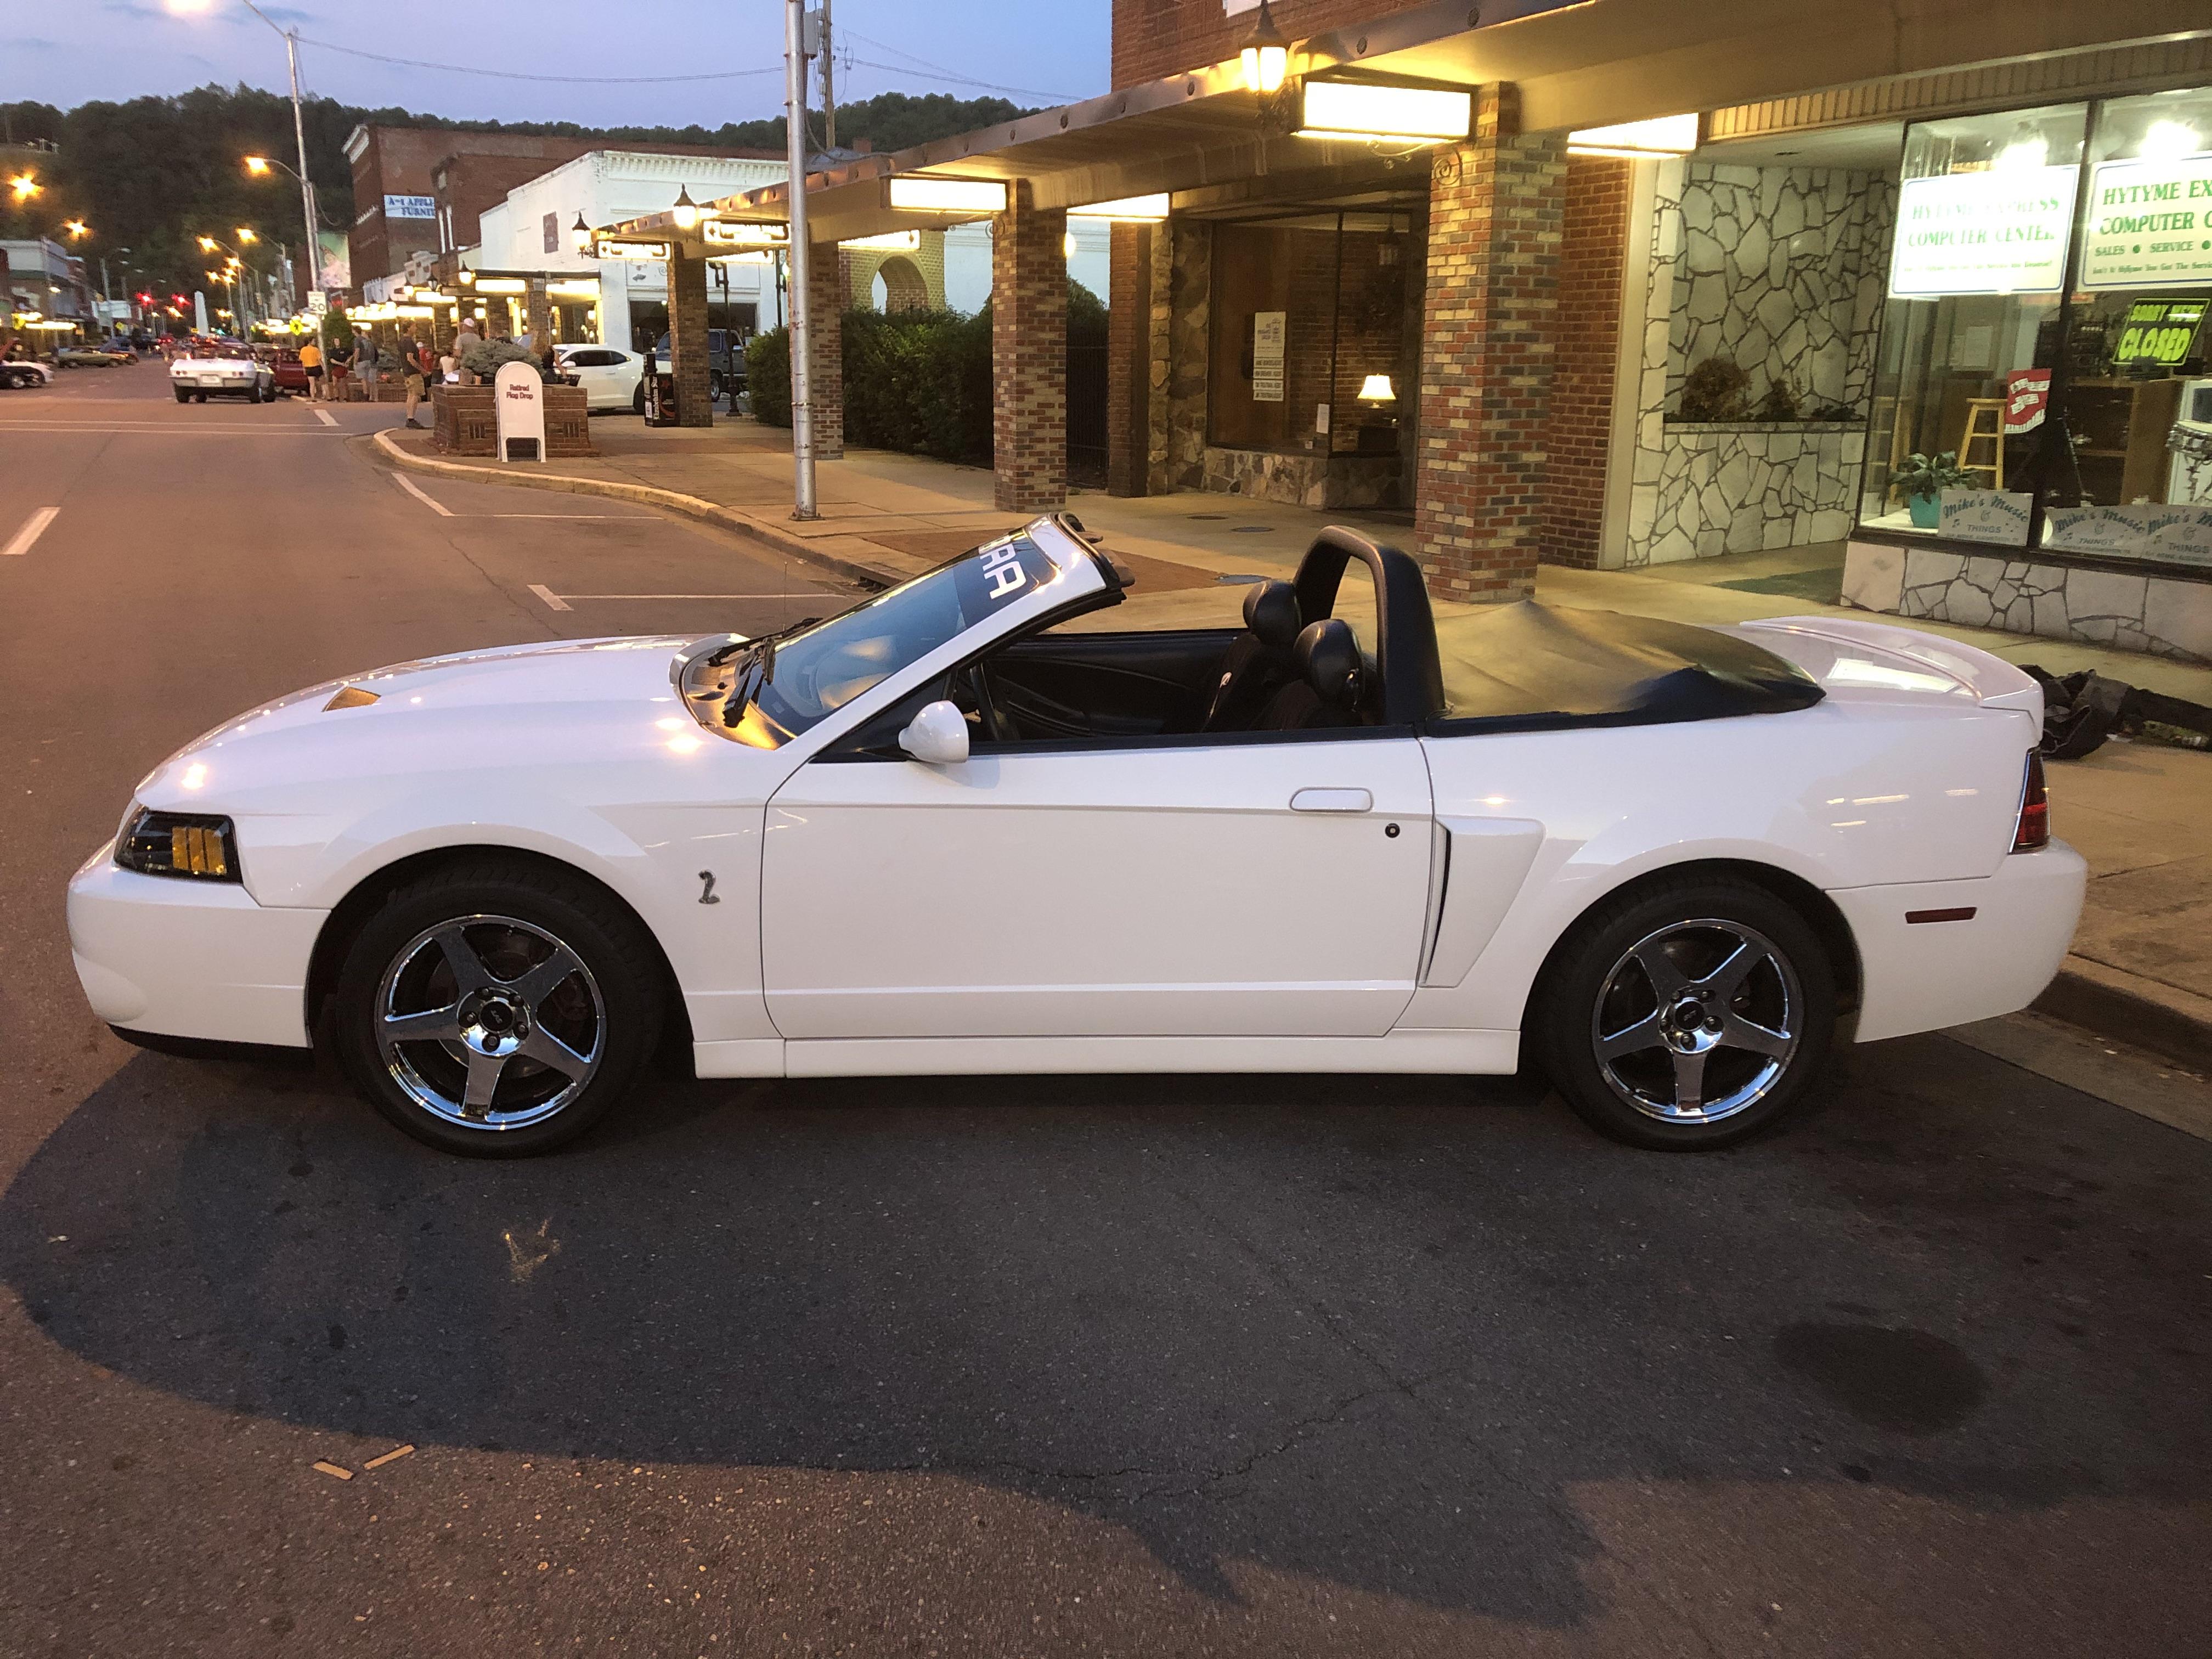 2003 Ford Mustang SVT Cobra - Joe Pearce - 2020